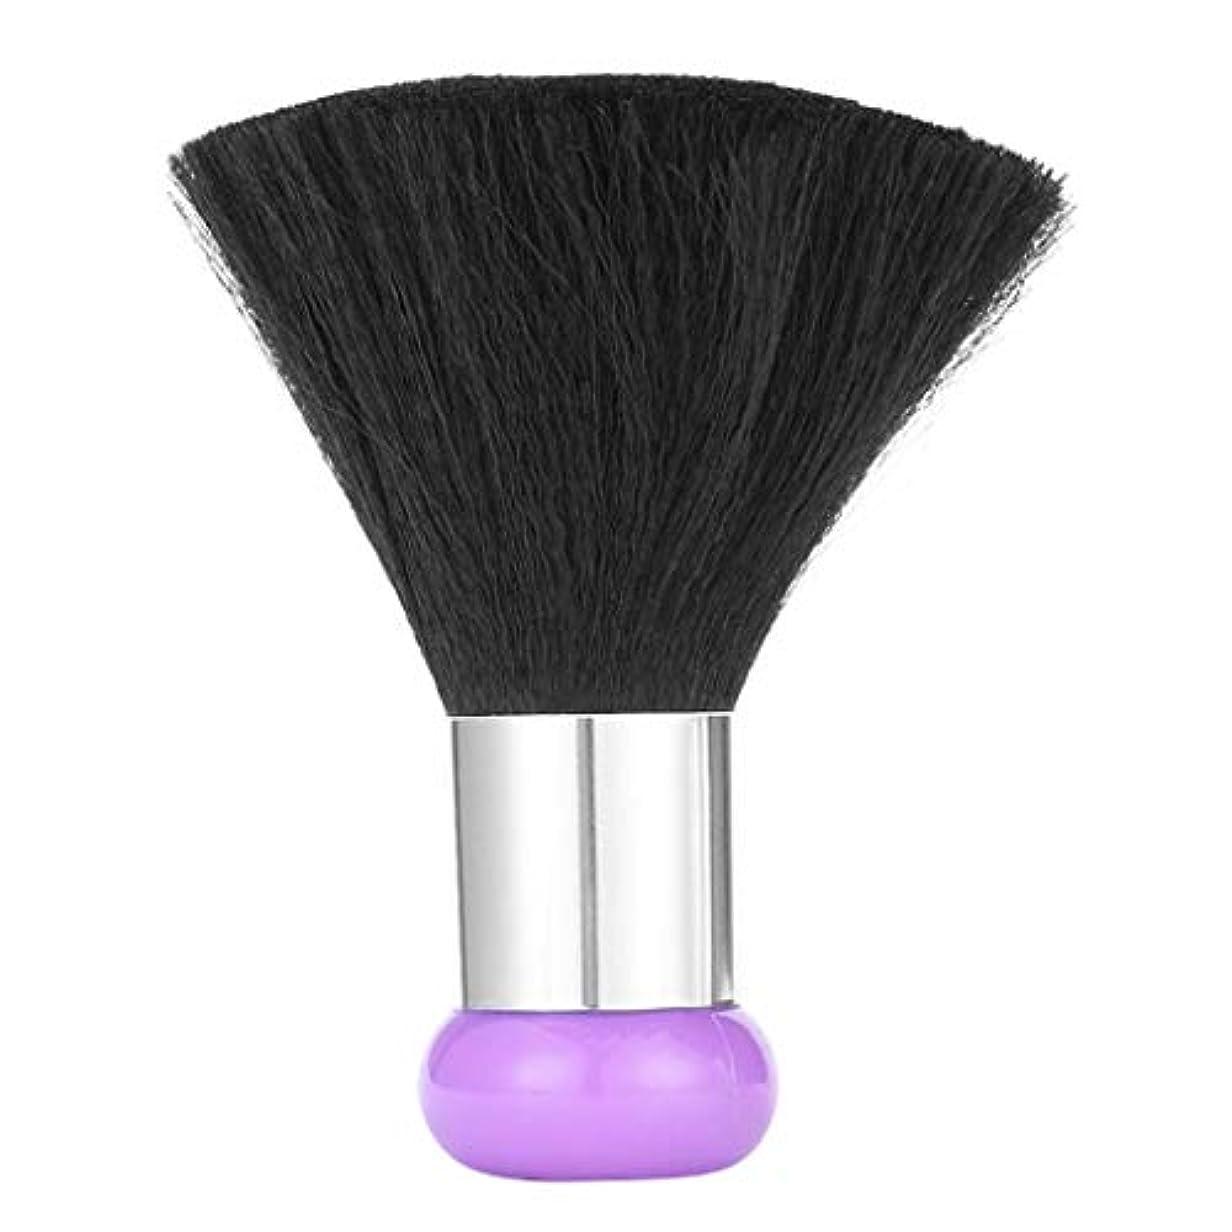 パシフィック超越するロードされたネックダスターブラシ ヘアカット ヘアブラシ クリーナー プロ 美容院 サロン 2色選べ - 紫